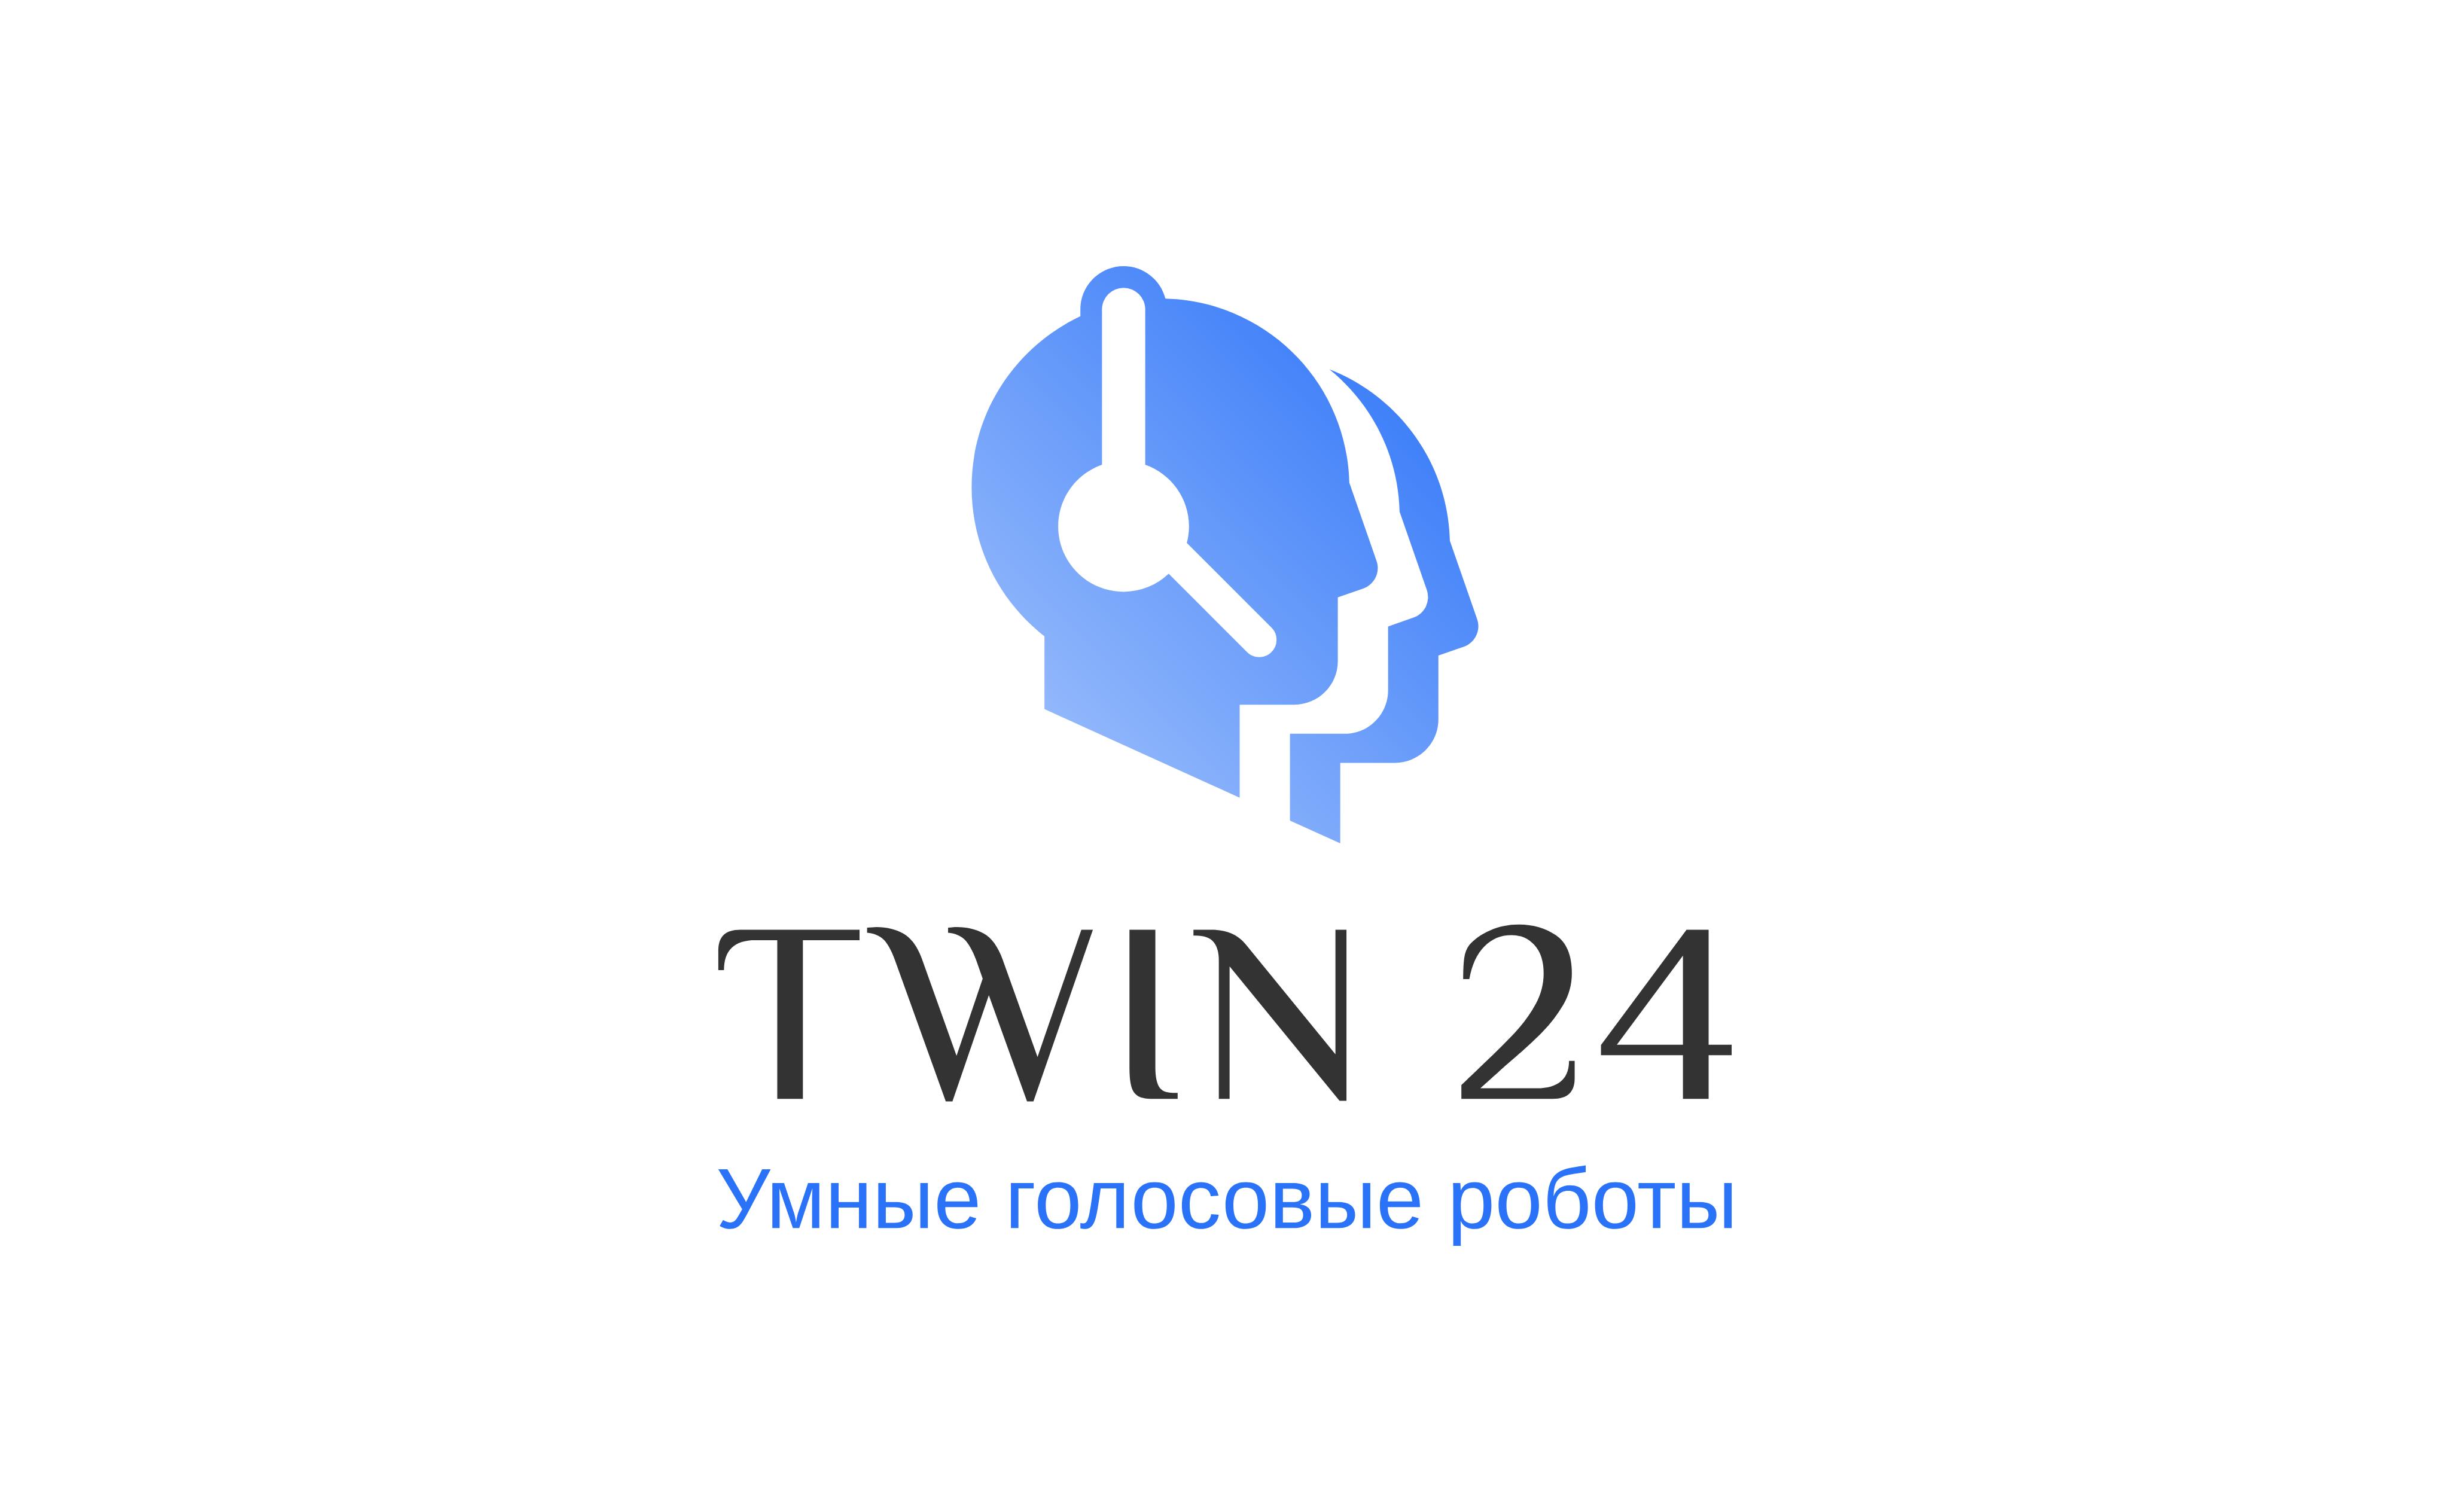 Платформа TWIN24 выступит Серебряным Партнером Конференции «Управление проблемной задолженностью. Инновации 2021».